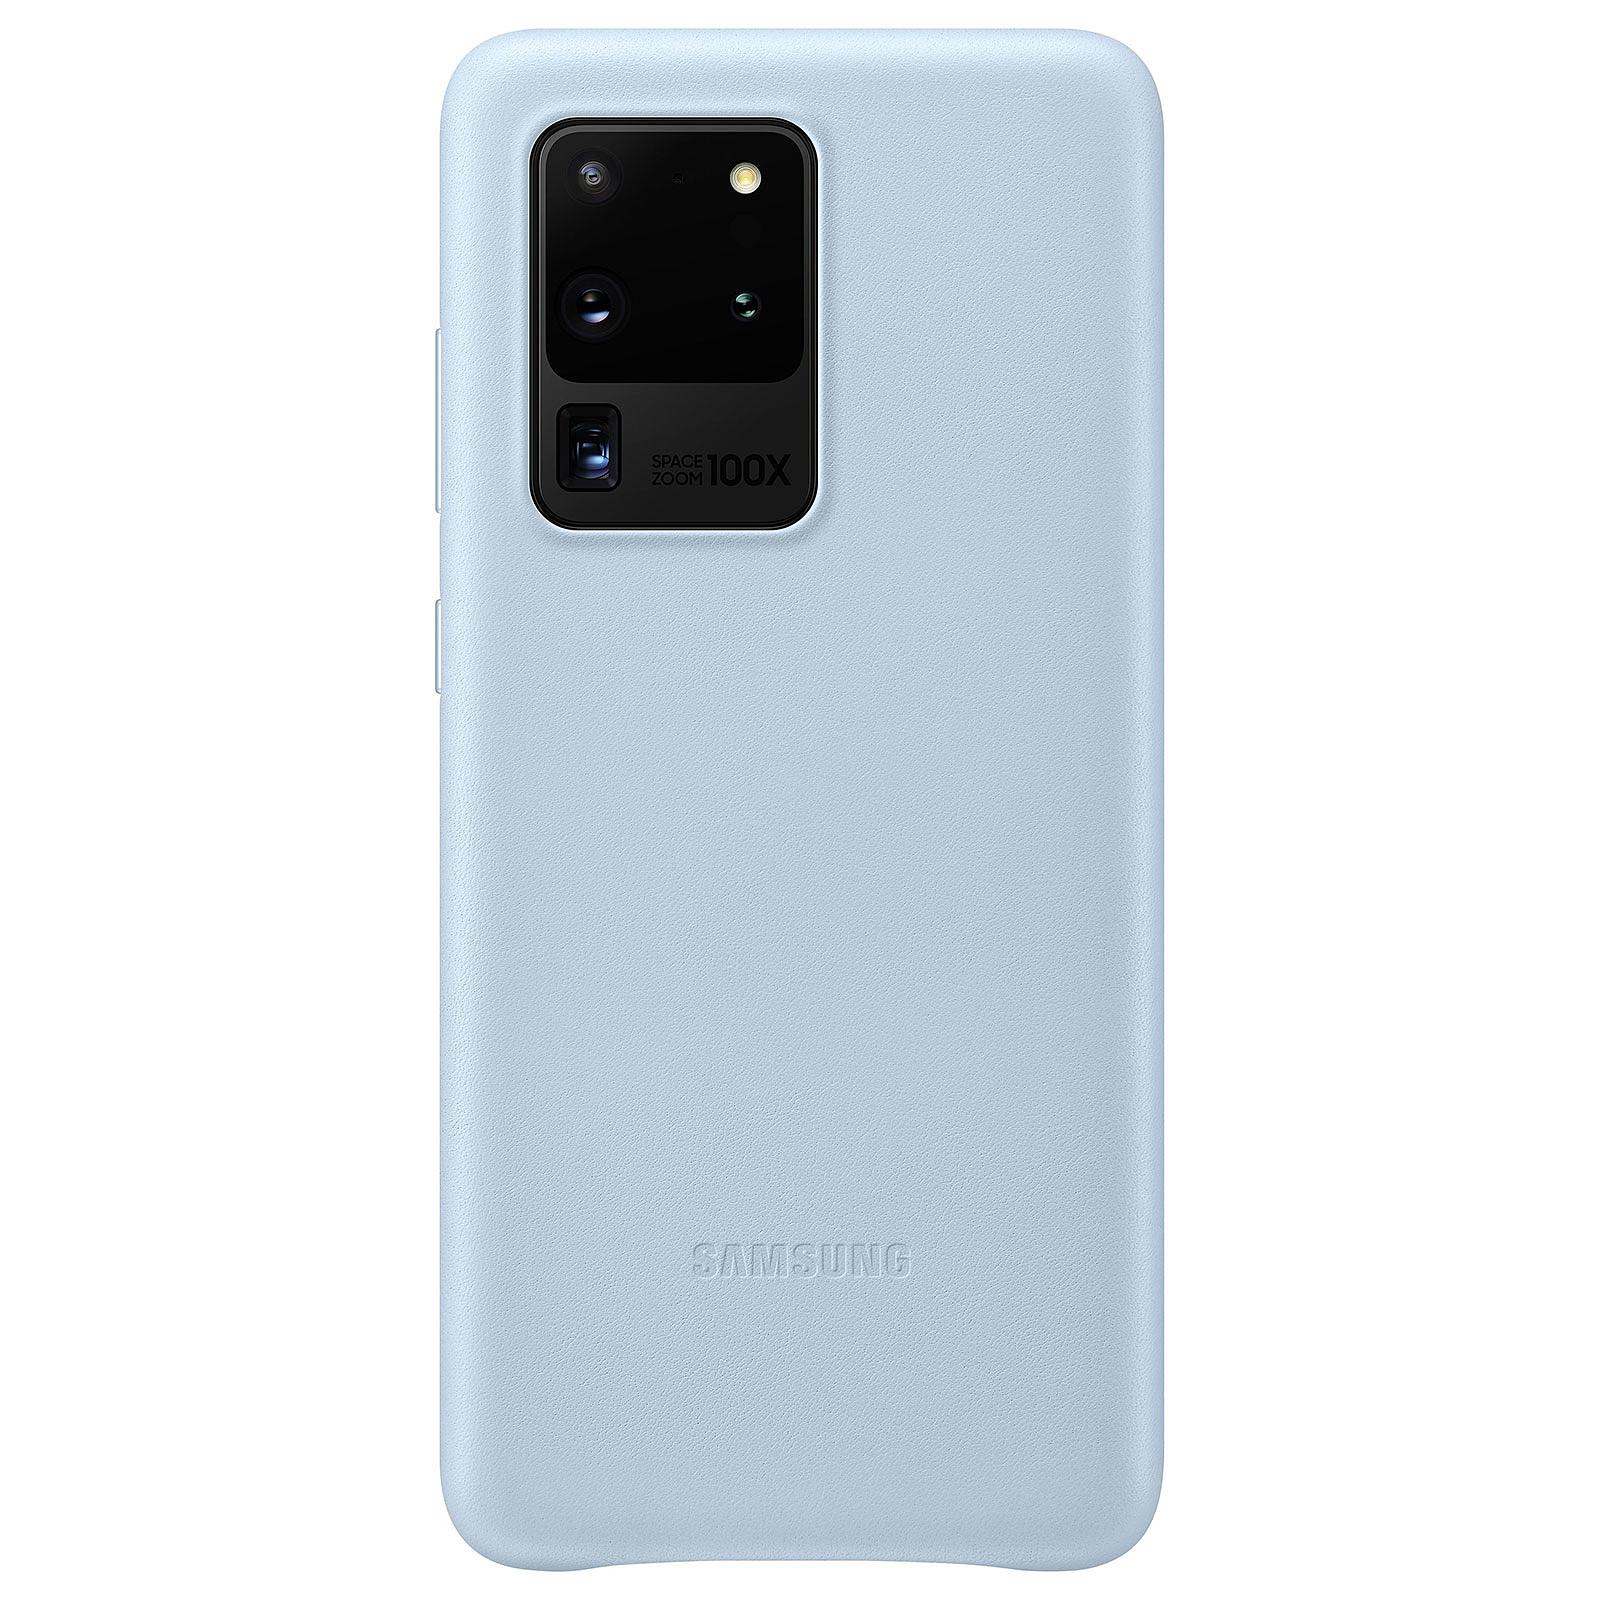 Samsung Coque Cuir Bleu Samsung Galaxy S20 Ultra